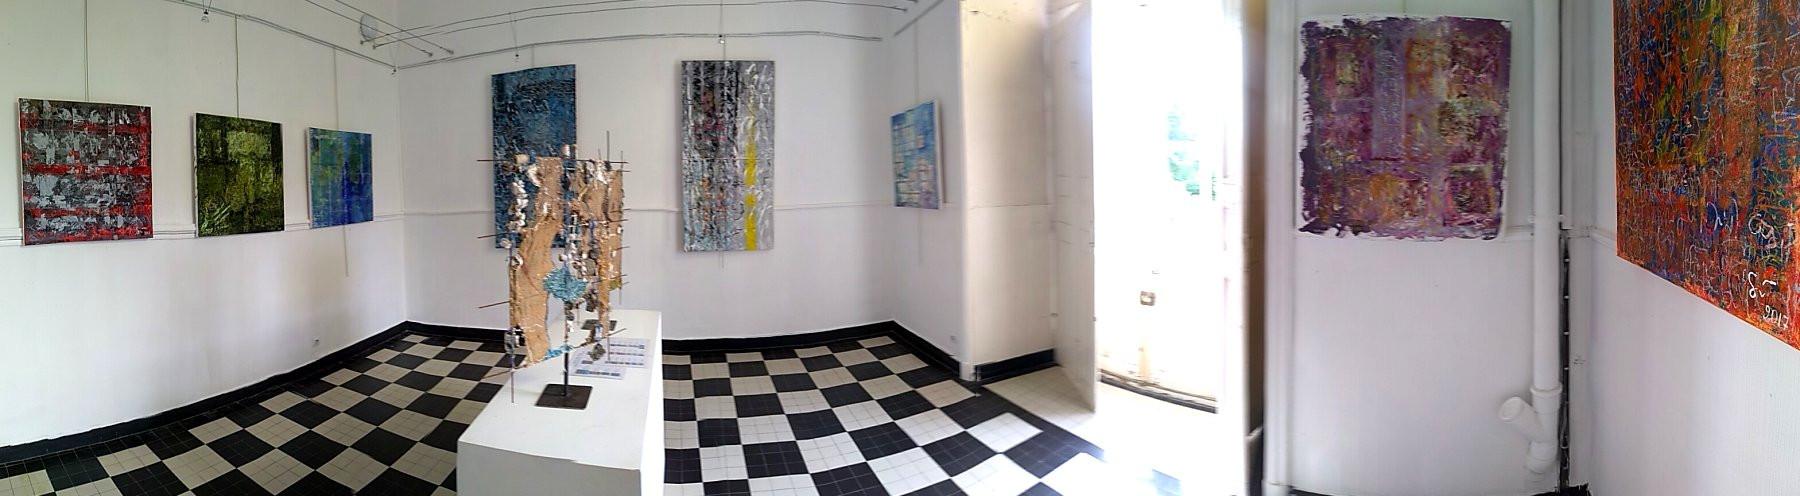 Ebreuil expo - salle 1.jpg